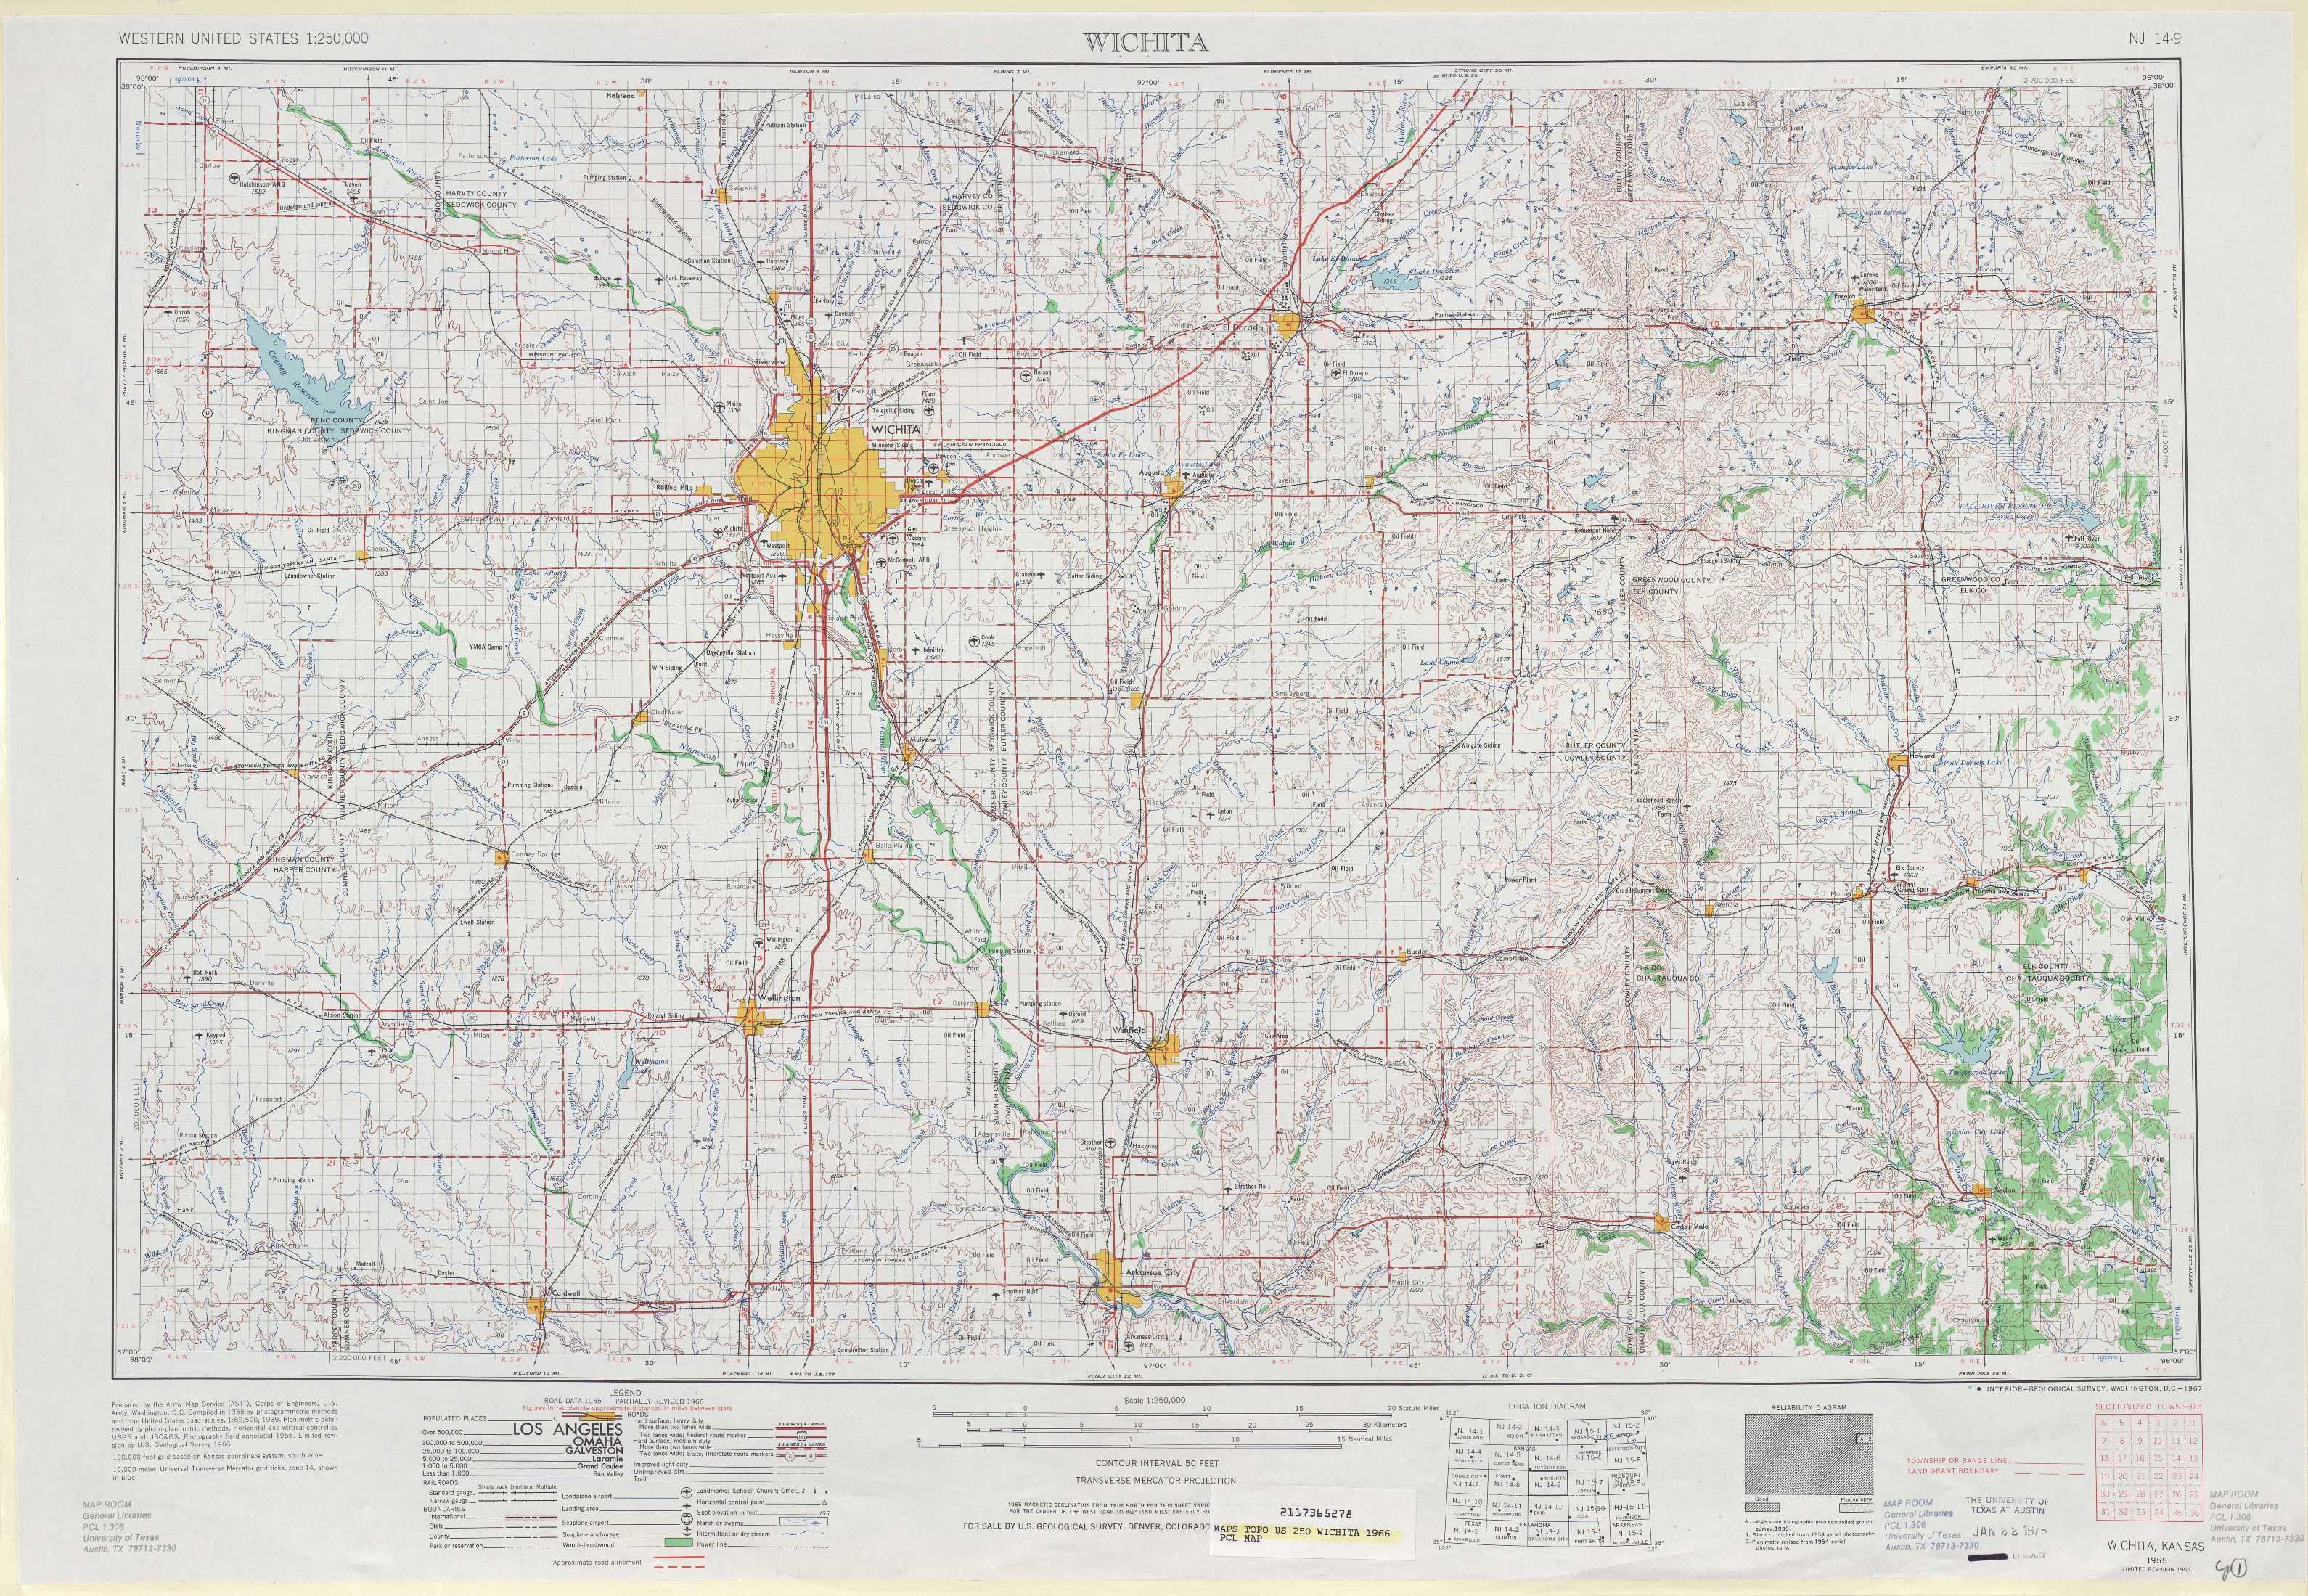 Wichita topographic maps KS USGS Topo Quad 37096a1 at 1250000 scale